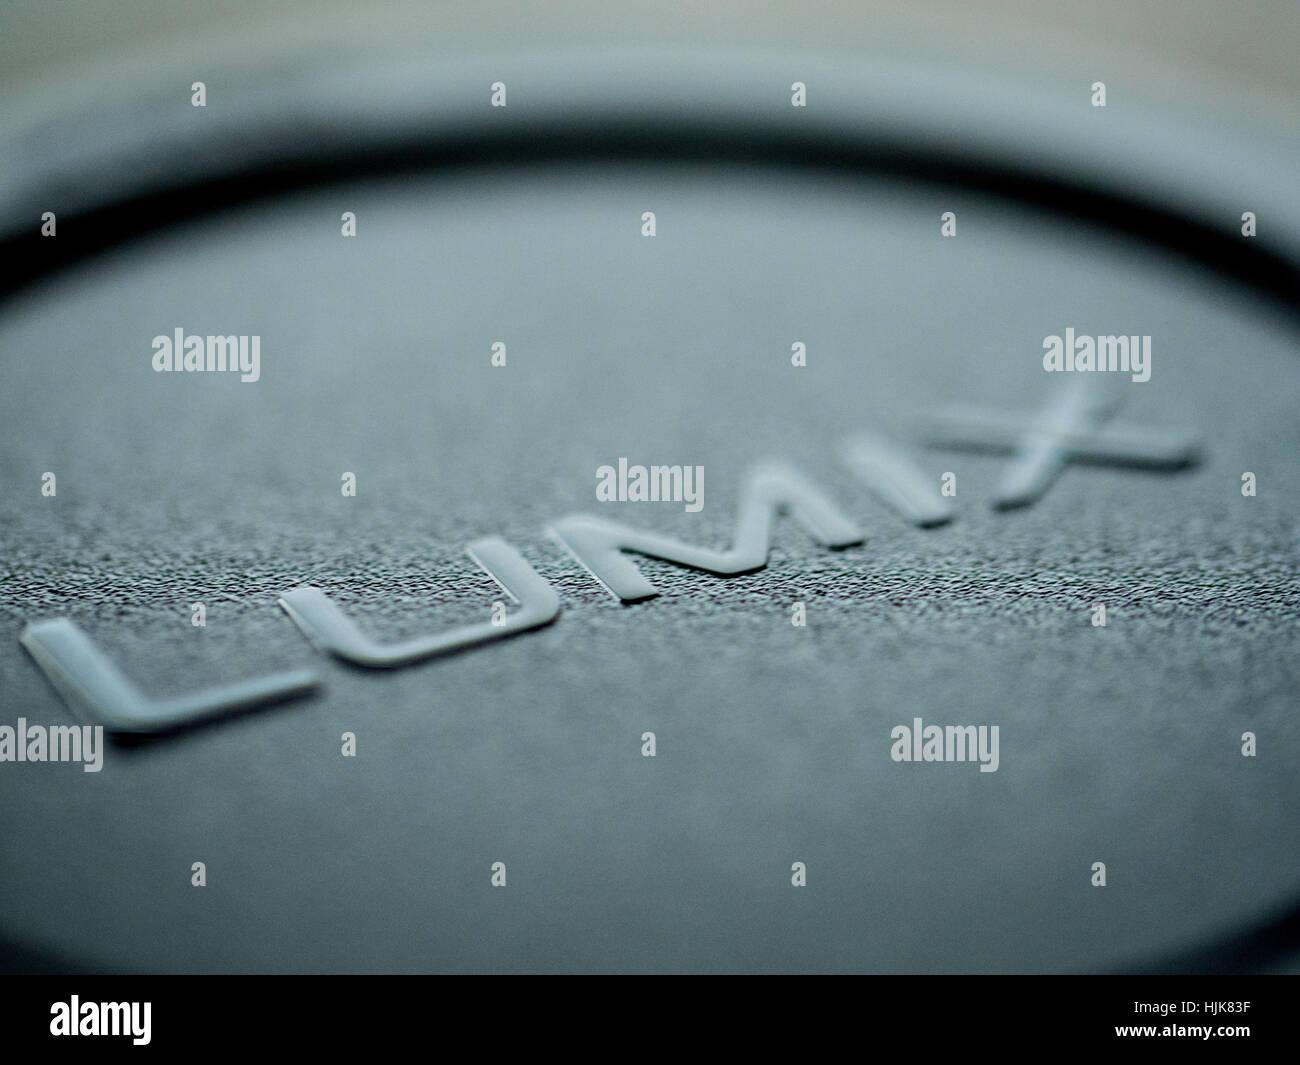 The word Lumix from a Panasonic Lumix lens cap - Stock Image